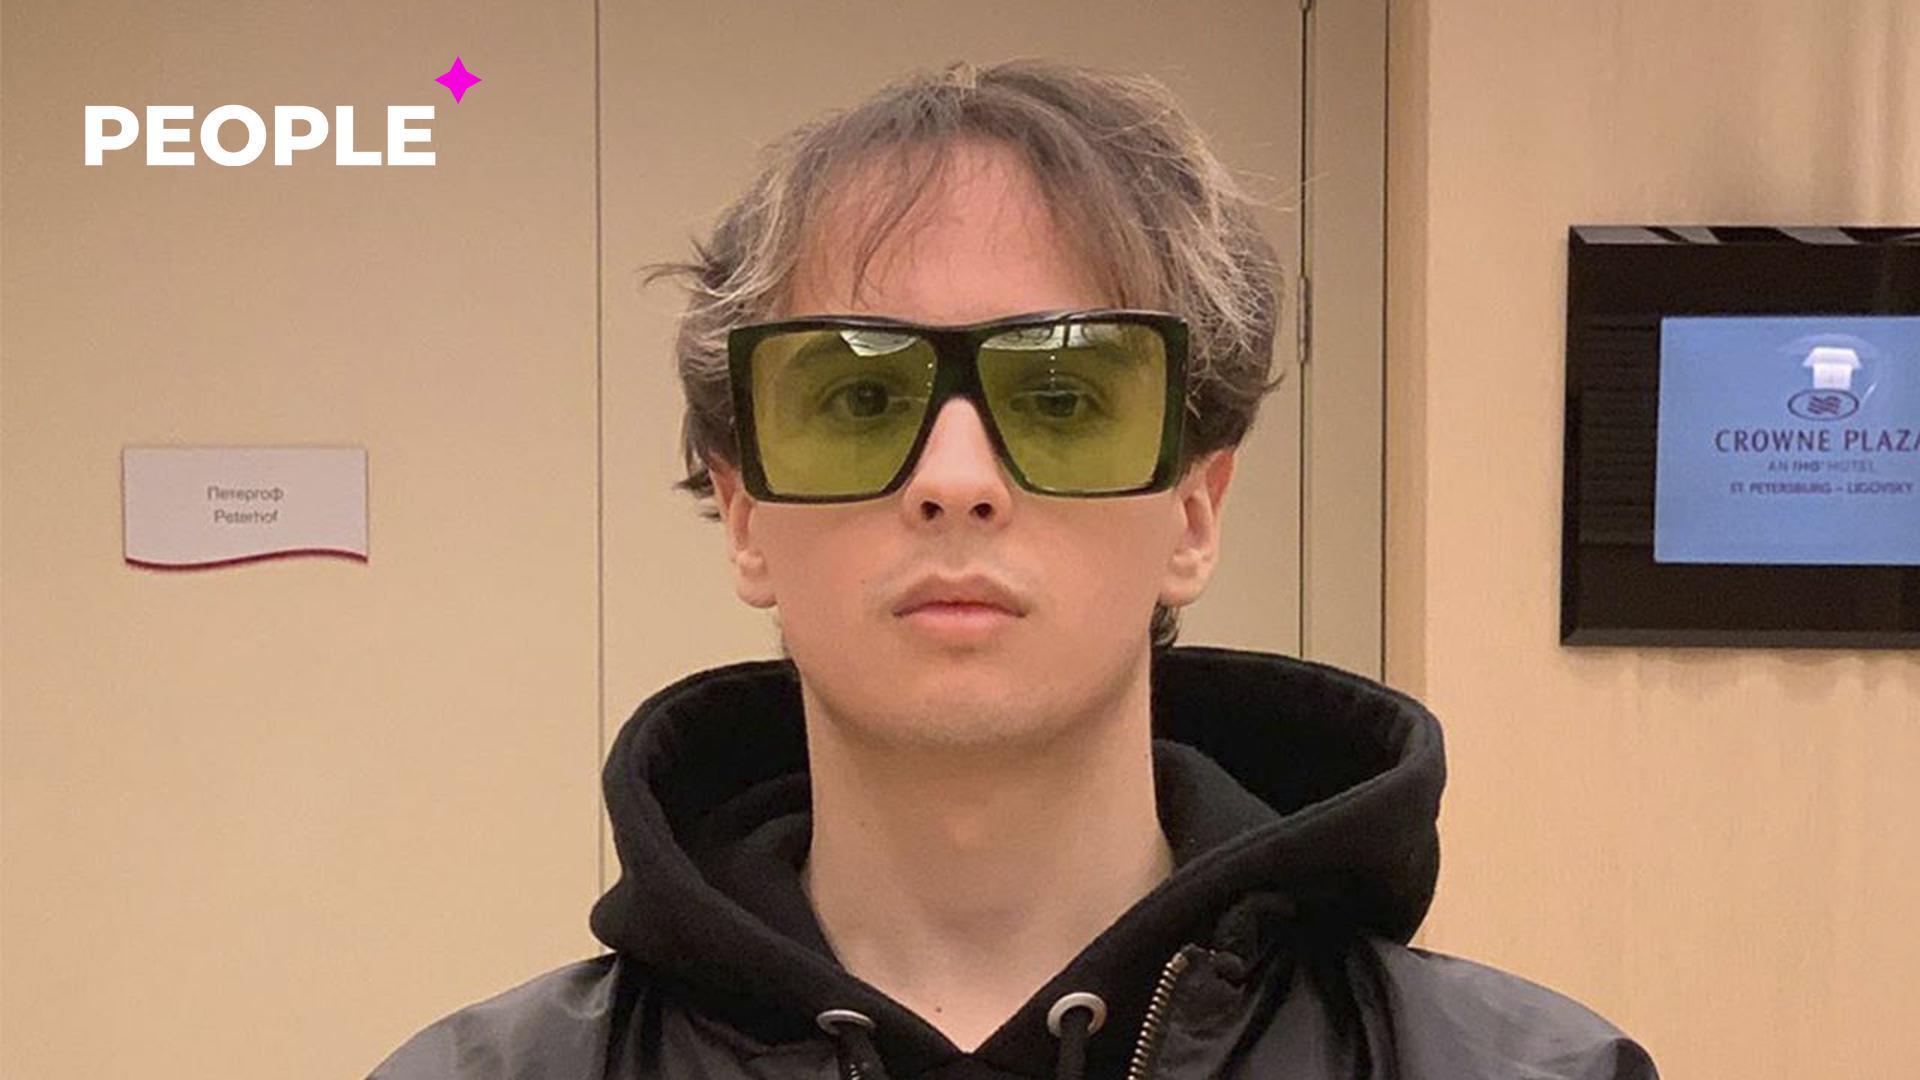 Пользователи Сети захейтили Славу Мэрлоу и его девушку за интервью журналу GQ